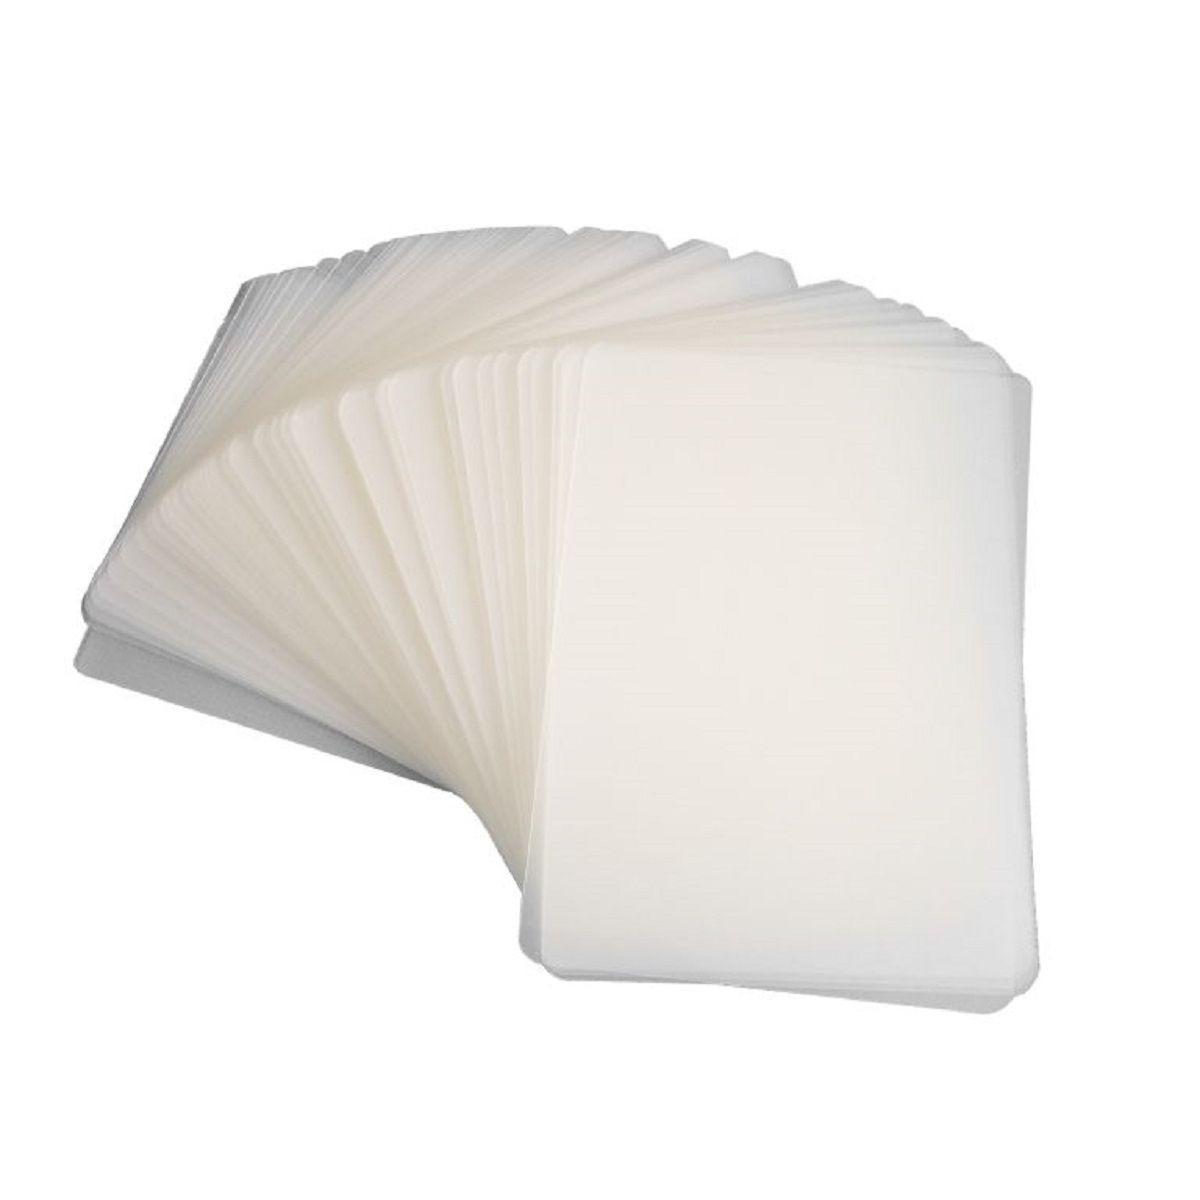 Polaseal para Plastificação RG 80x110x0,07mm (175 micras) - Pacote com 100 unidades  - Click Suprimentos